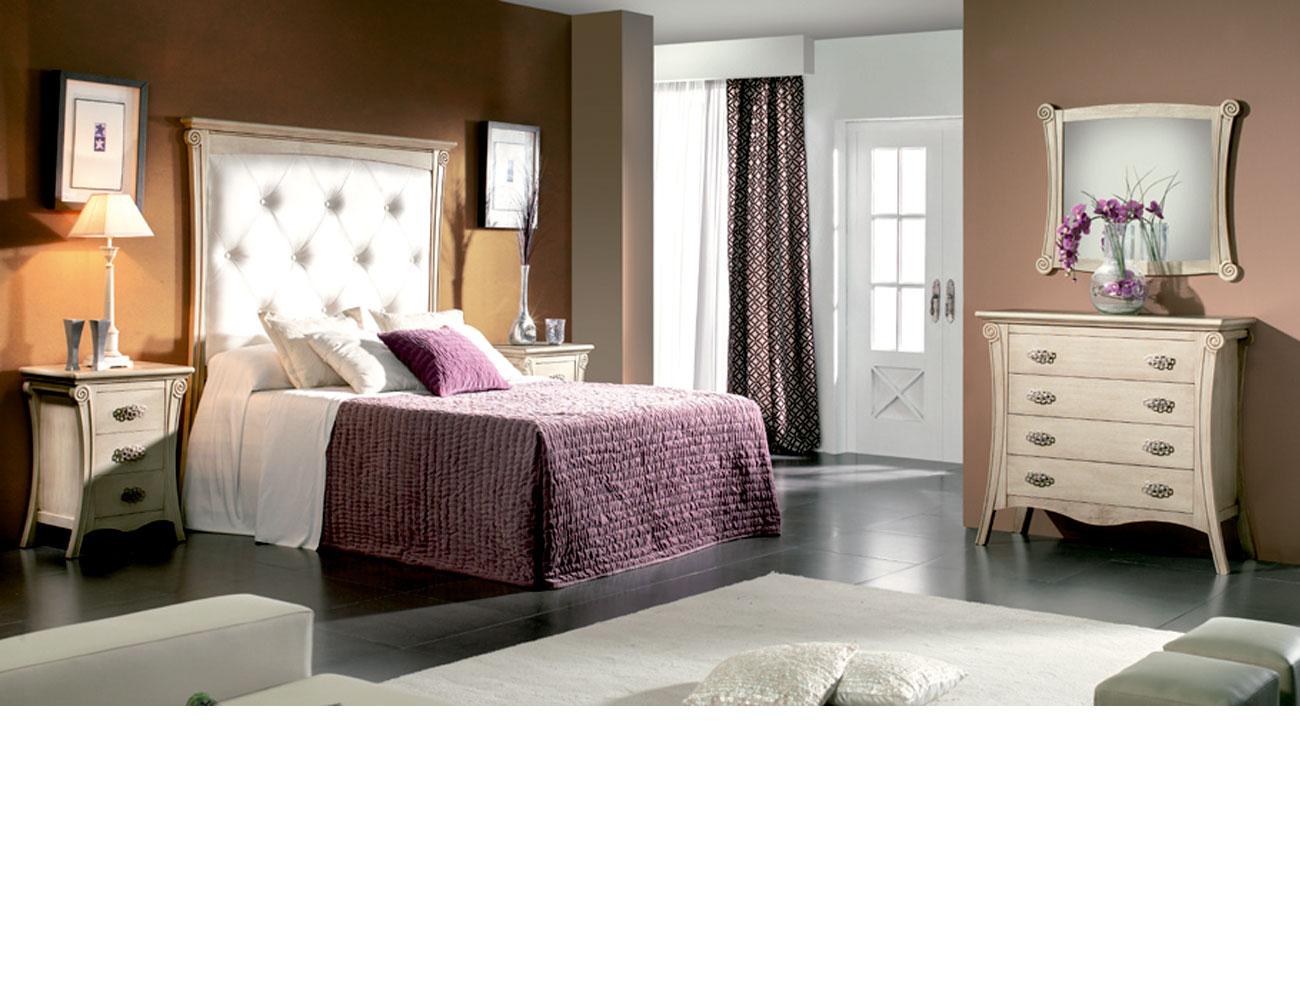 Dormitorio matrimonio cabecero tapizado polipiel color 500 tirador614